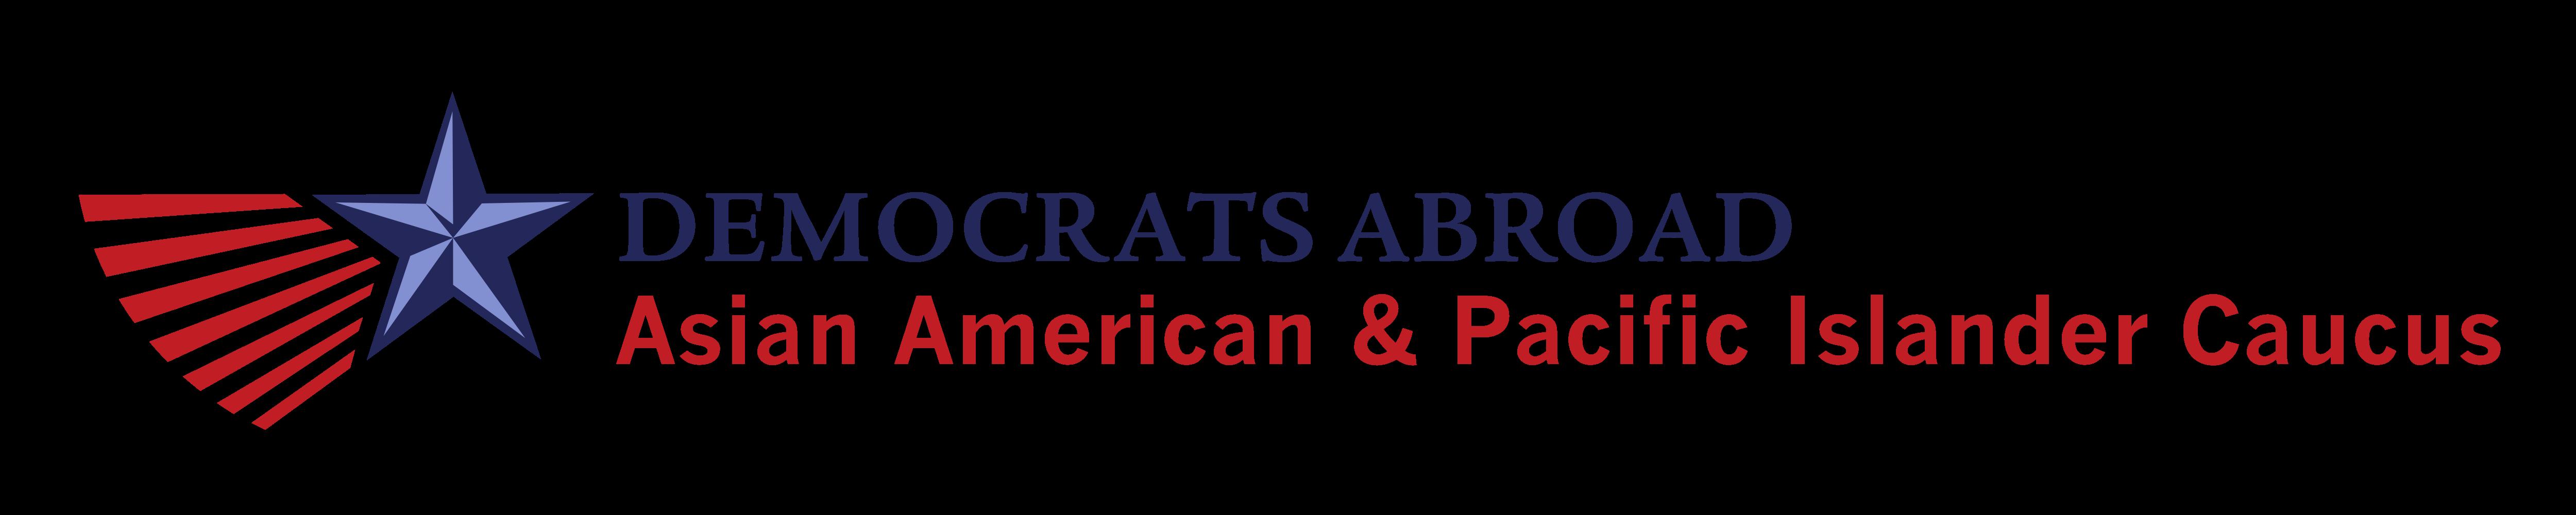 Democrats_Abroad_Logo_-_AAPI_Full_(transparent_background__2_lines)_0.5x.png